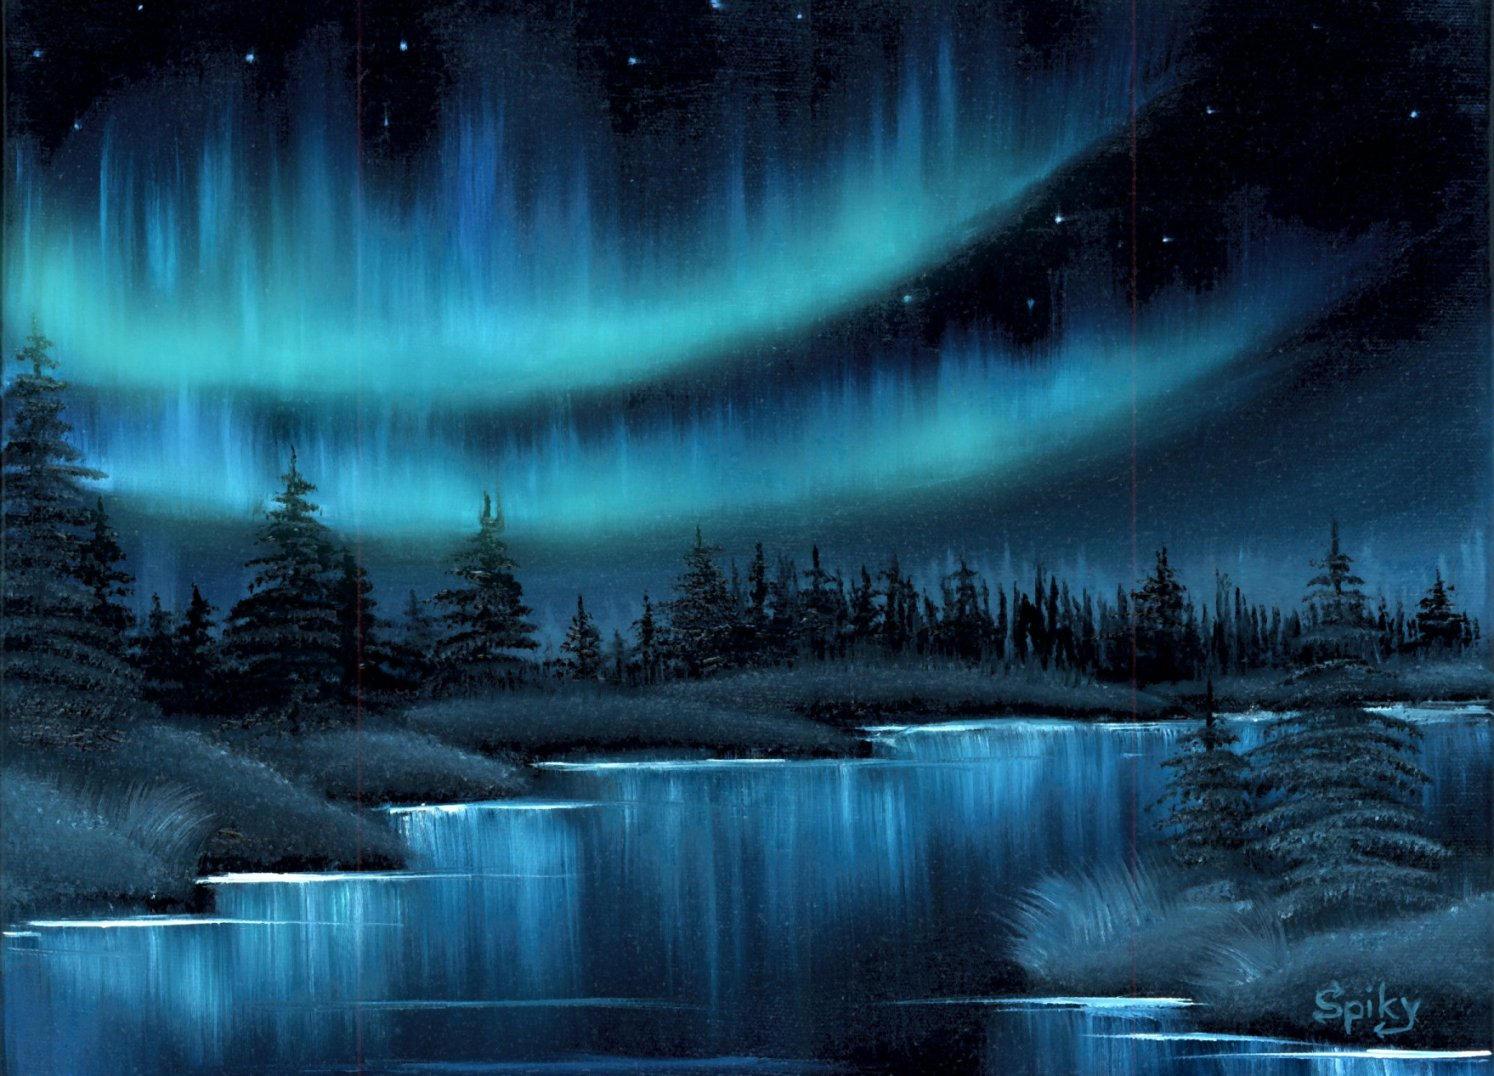 The Northern Lights By Spikylein On DeviantArt